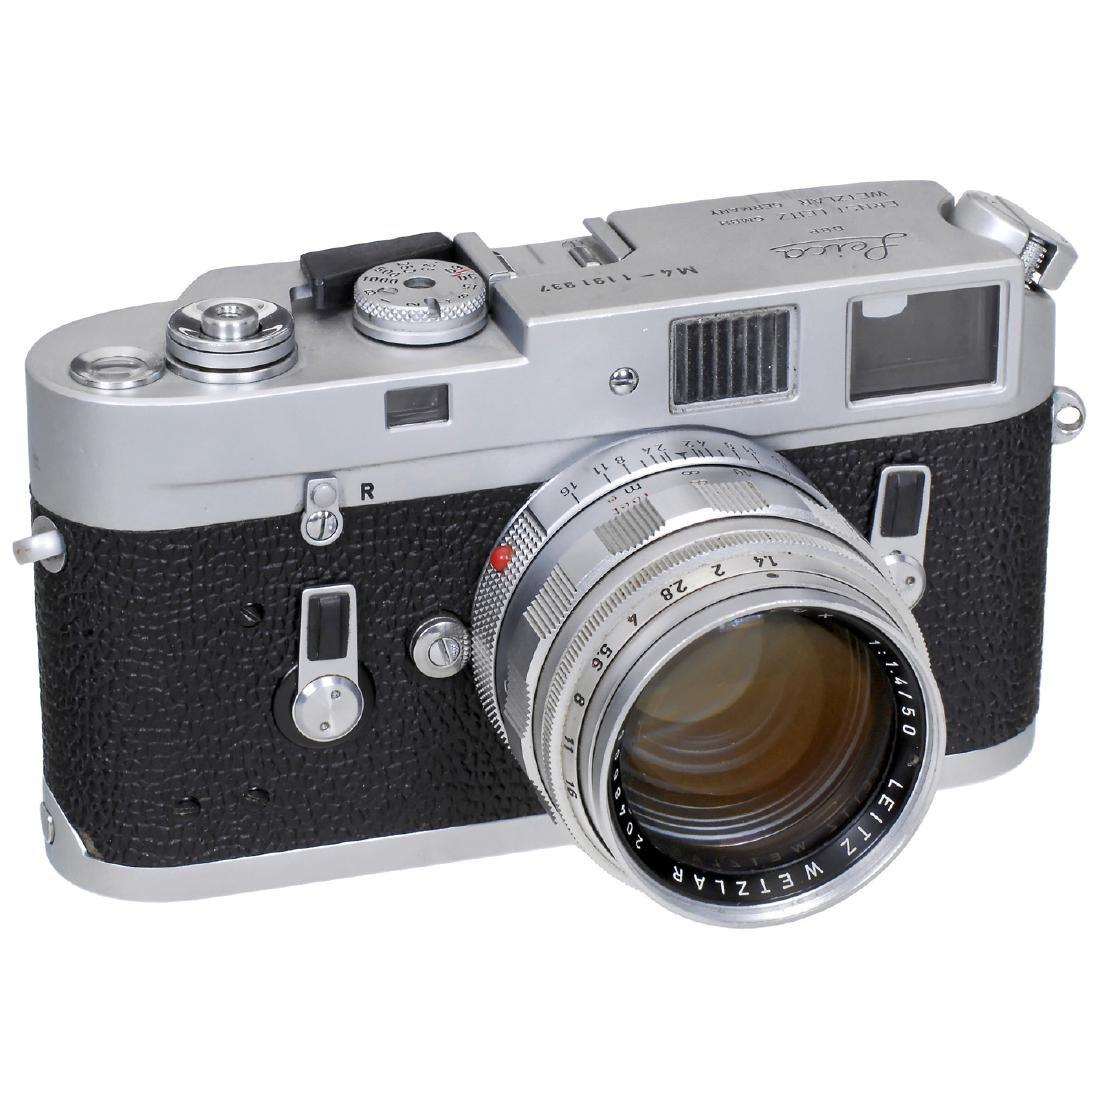 Leica M4 with Summilux 1,4/50, 1969